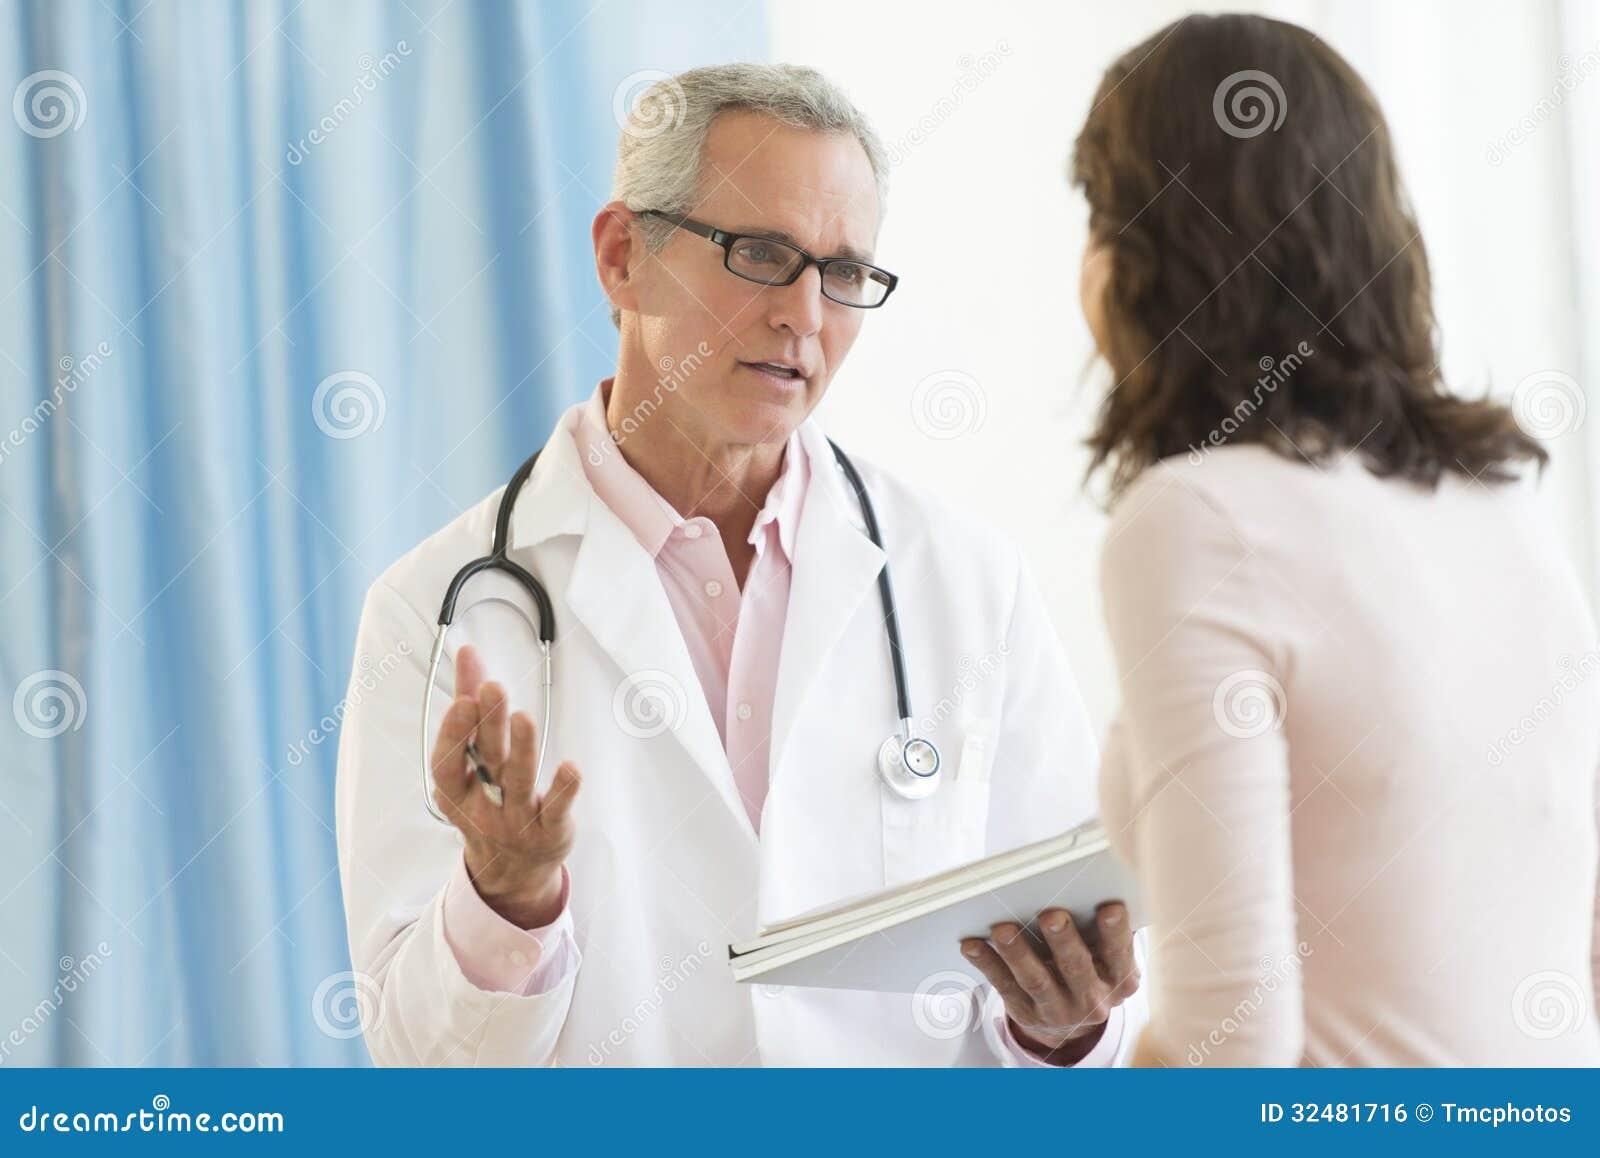 Αρσενικός γιατρός που συζητά με τον ασθενή στην κλινική